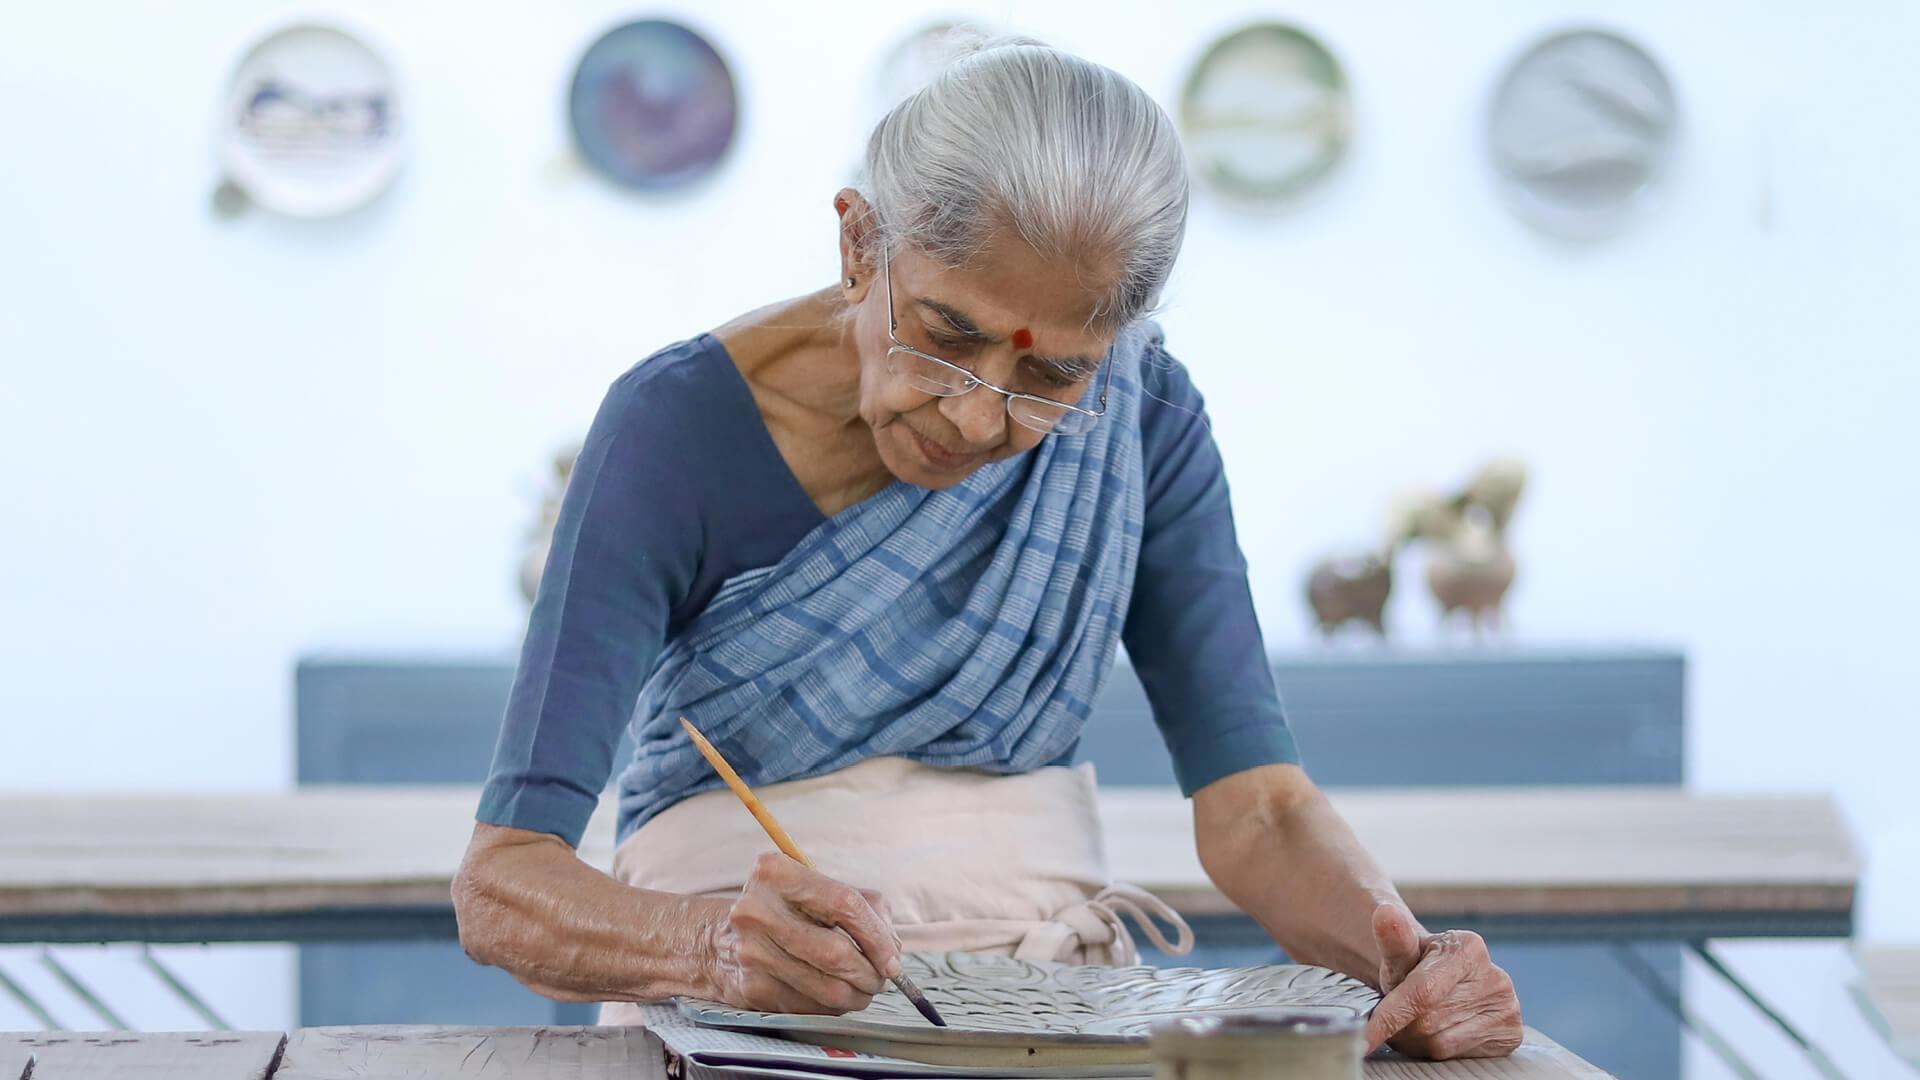 Jyotsna Bhatt working in her studio | STIRworld